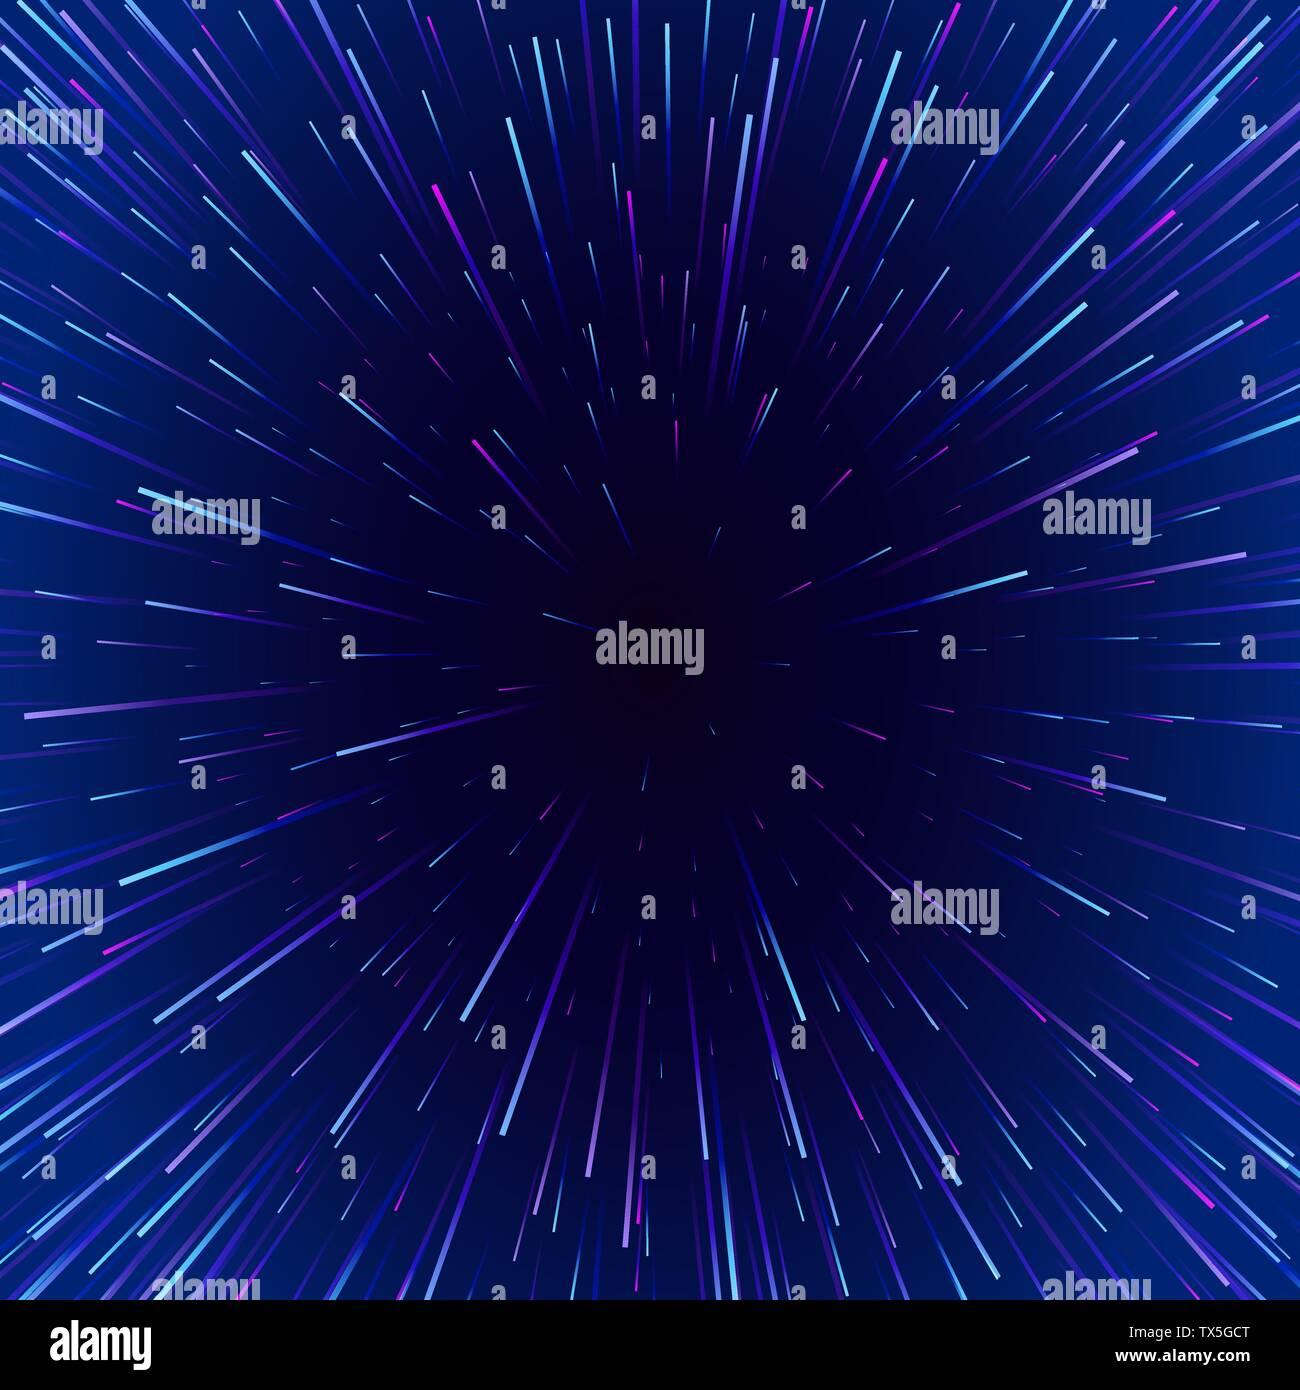 Resumen Antecedentes viajar a través del tiempo y el espacio. Cartel de neón futurista. Música moderna plantilla de título. Estrellas borrosa luz en líneas. Vector Ilustración del Vector